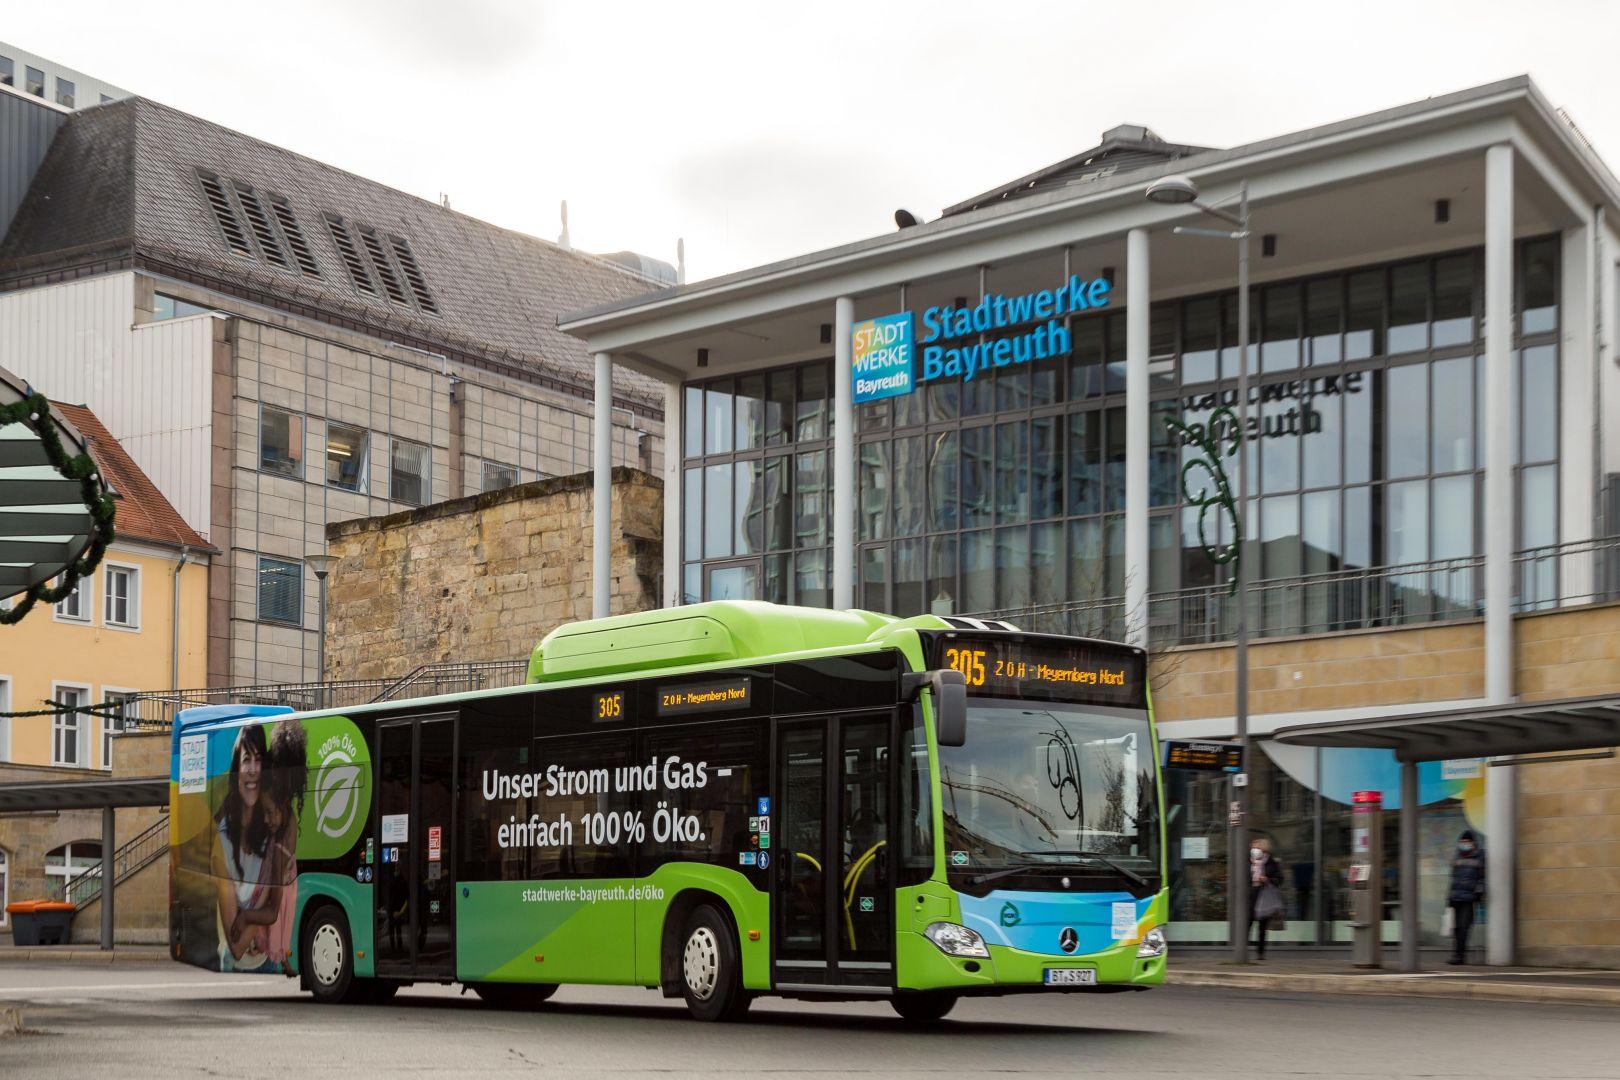 Corona-Virus in Bayreuth: Busfahrplan für Schüler gilt wieder